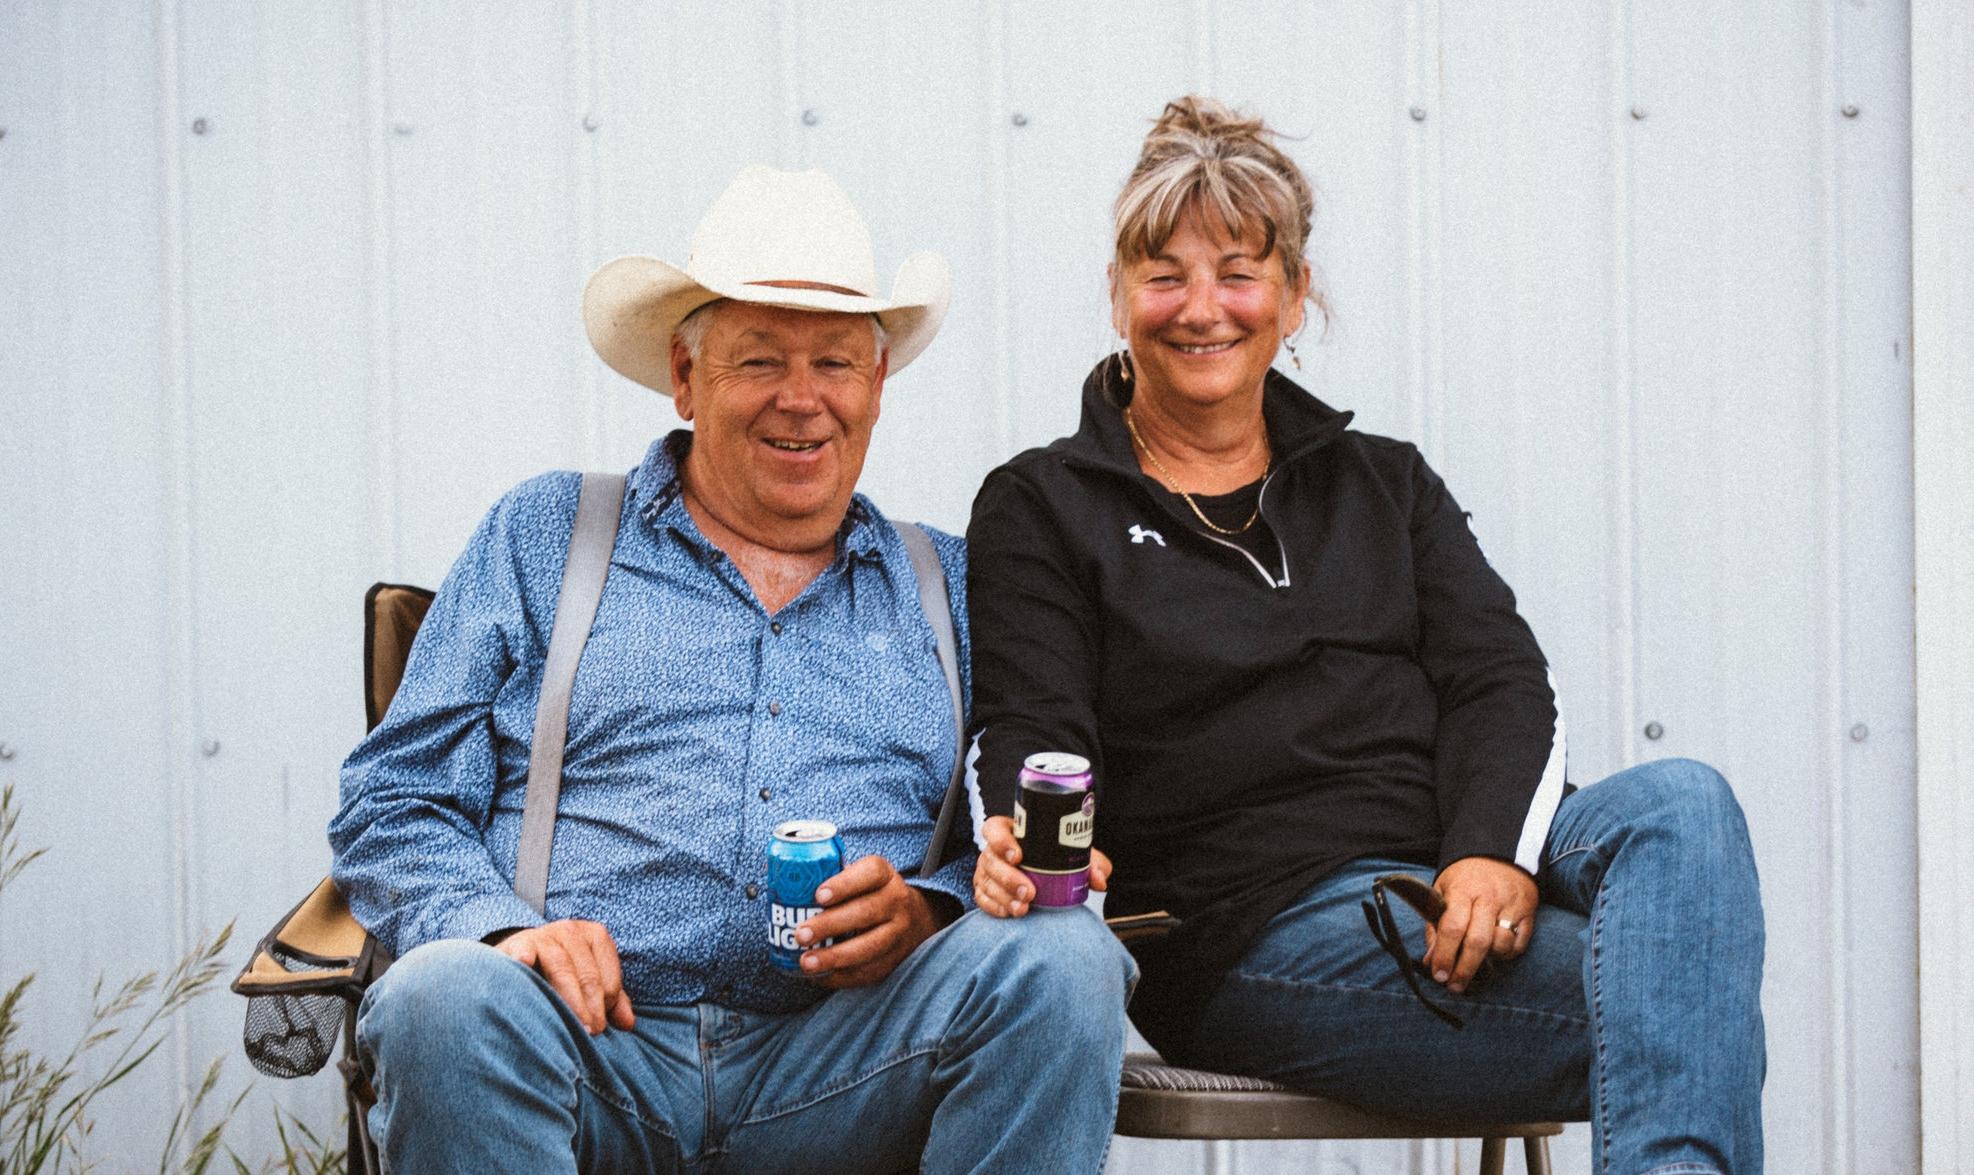 Doug and Helga Price